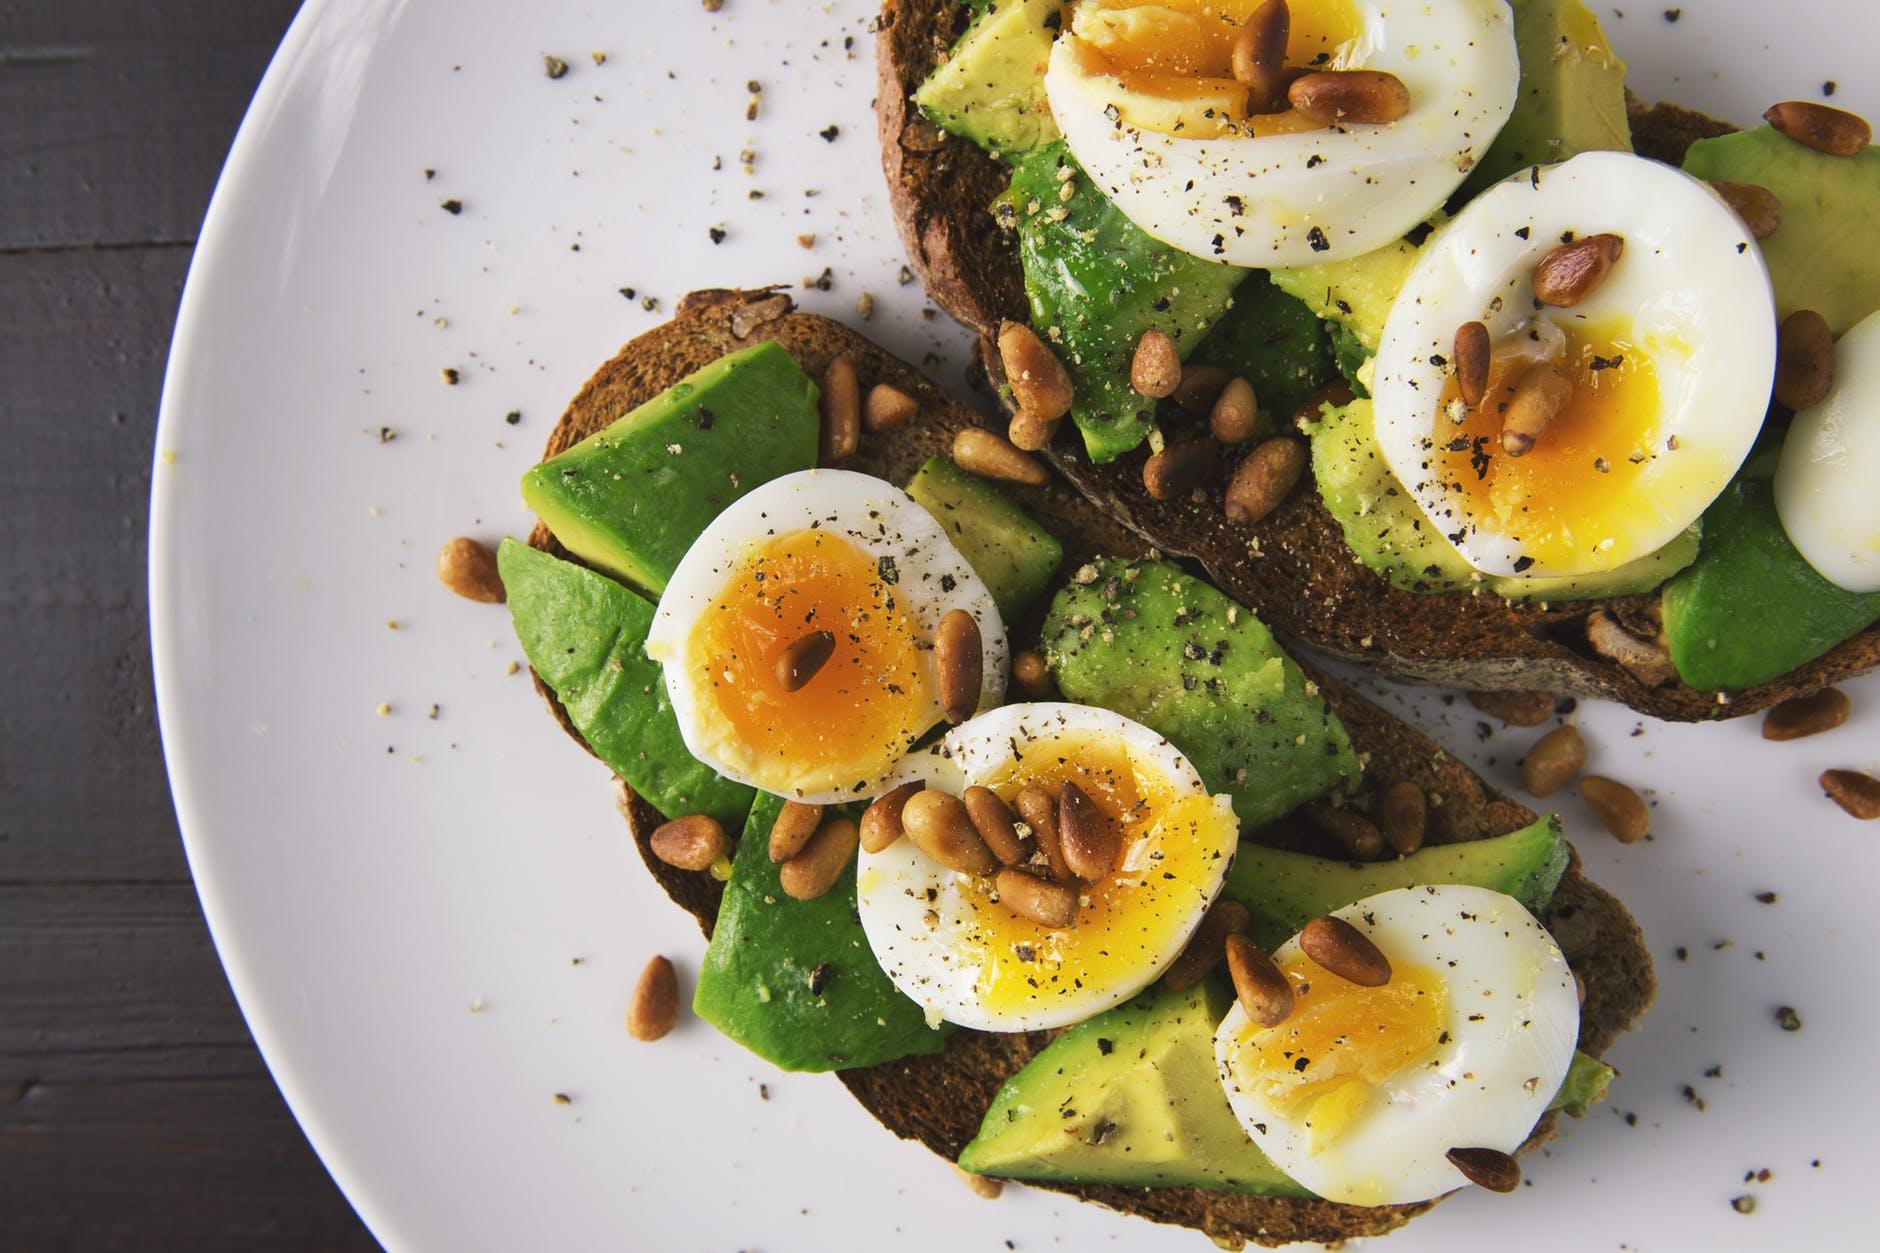 appetizer avocado bread breakfast